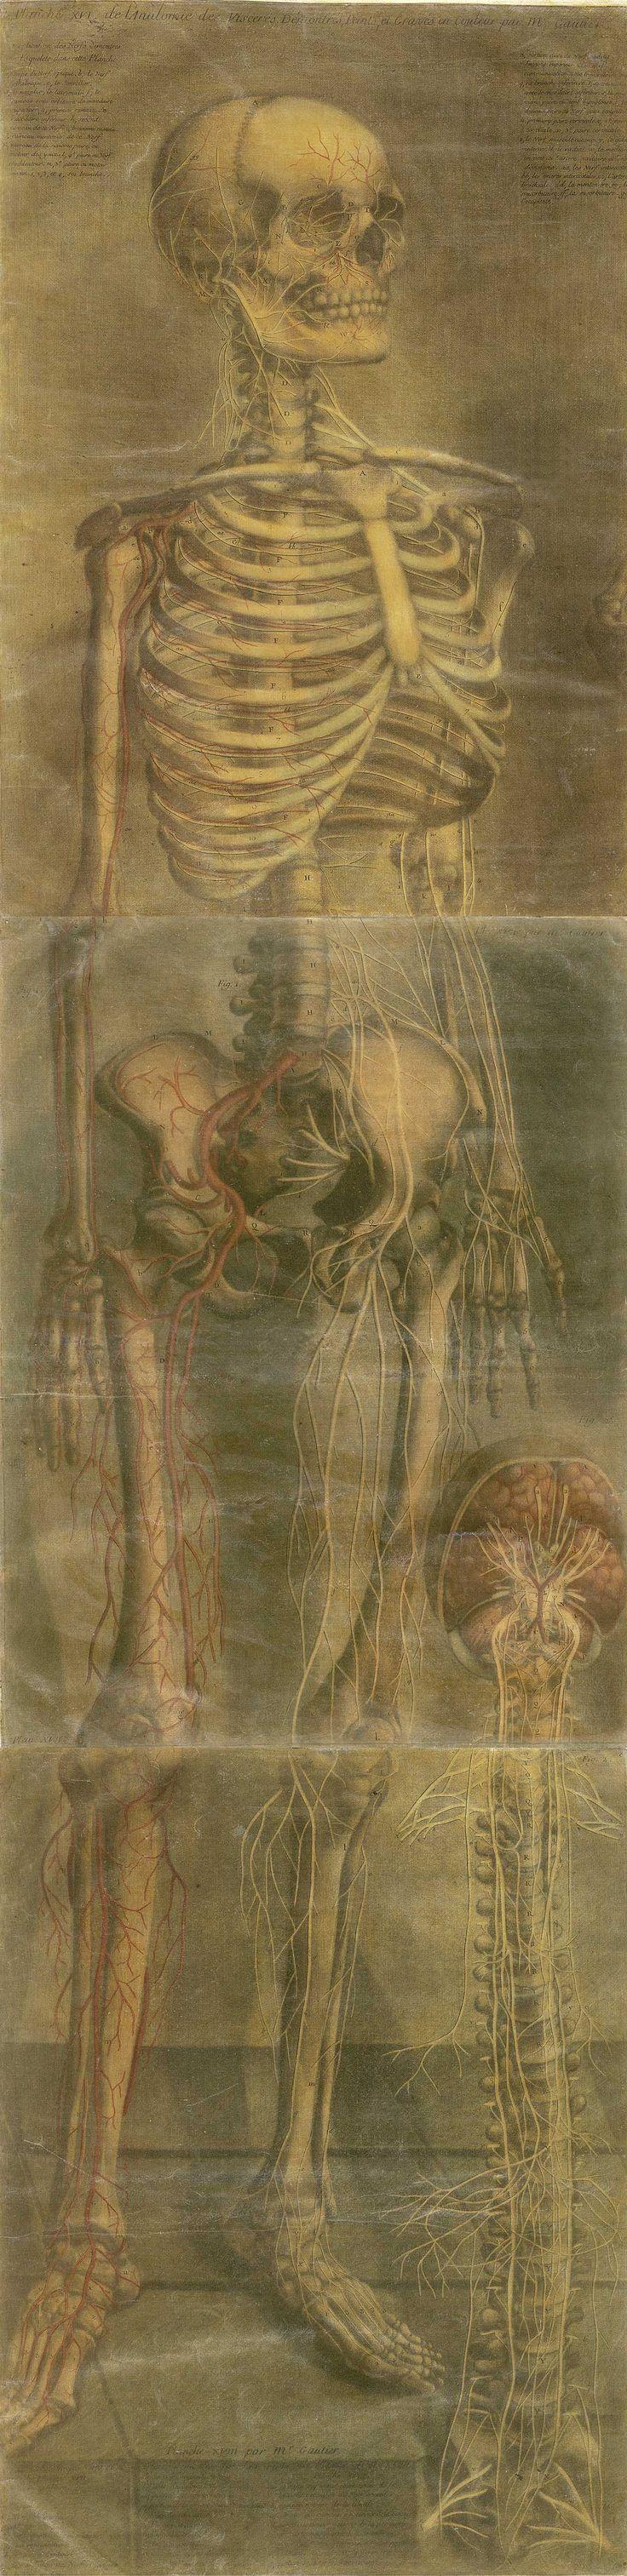 Jacques Fabian Gautier d'Agoty: Anatomie generale des viscères en situation, de grandeur et couleur naturelle, avec l'angeologie, et la nevrologie de chaque partie du corps humain